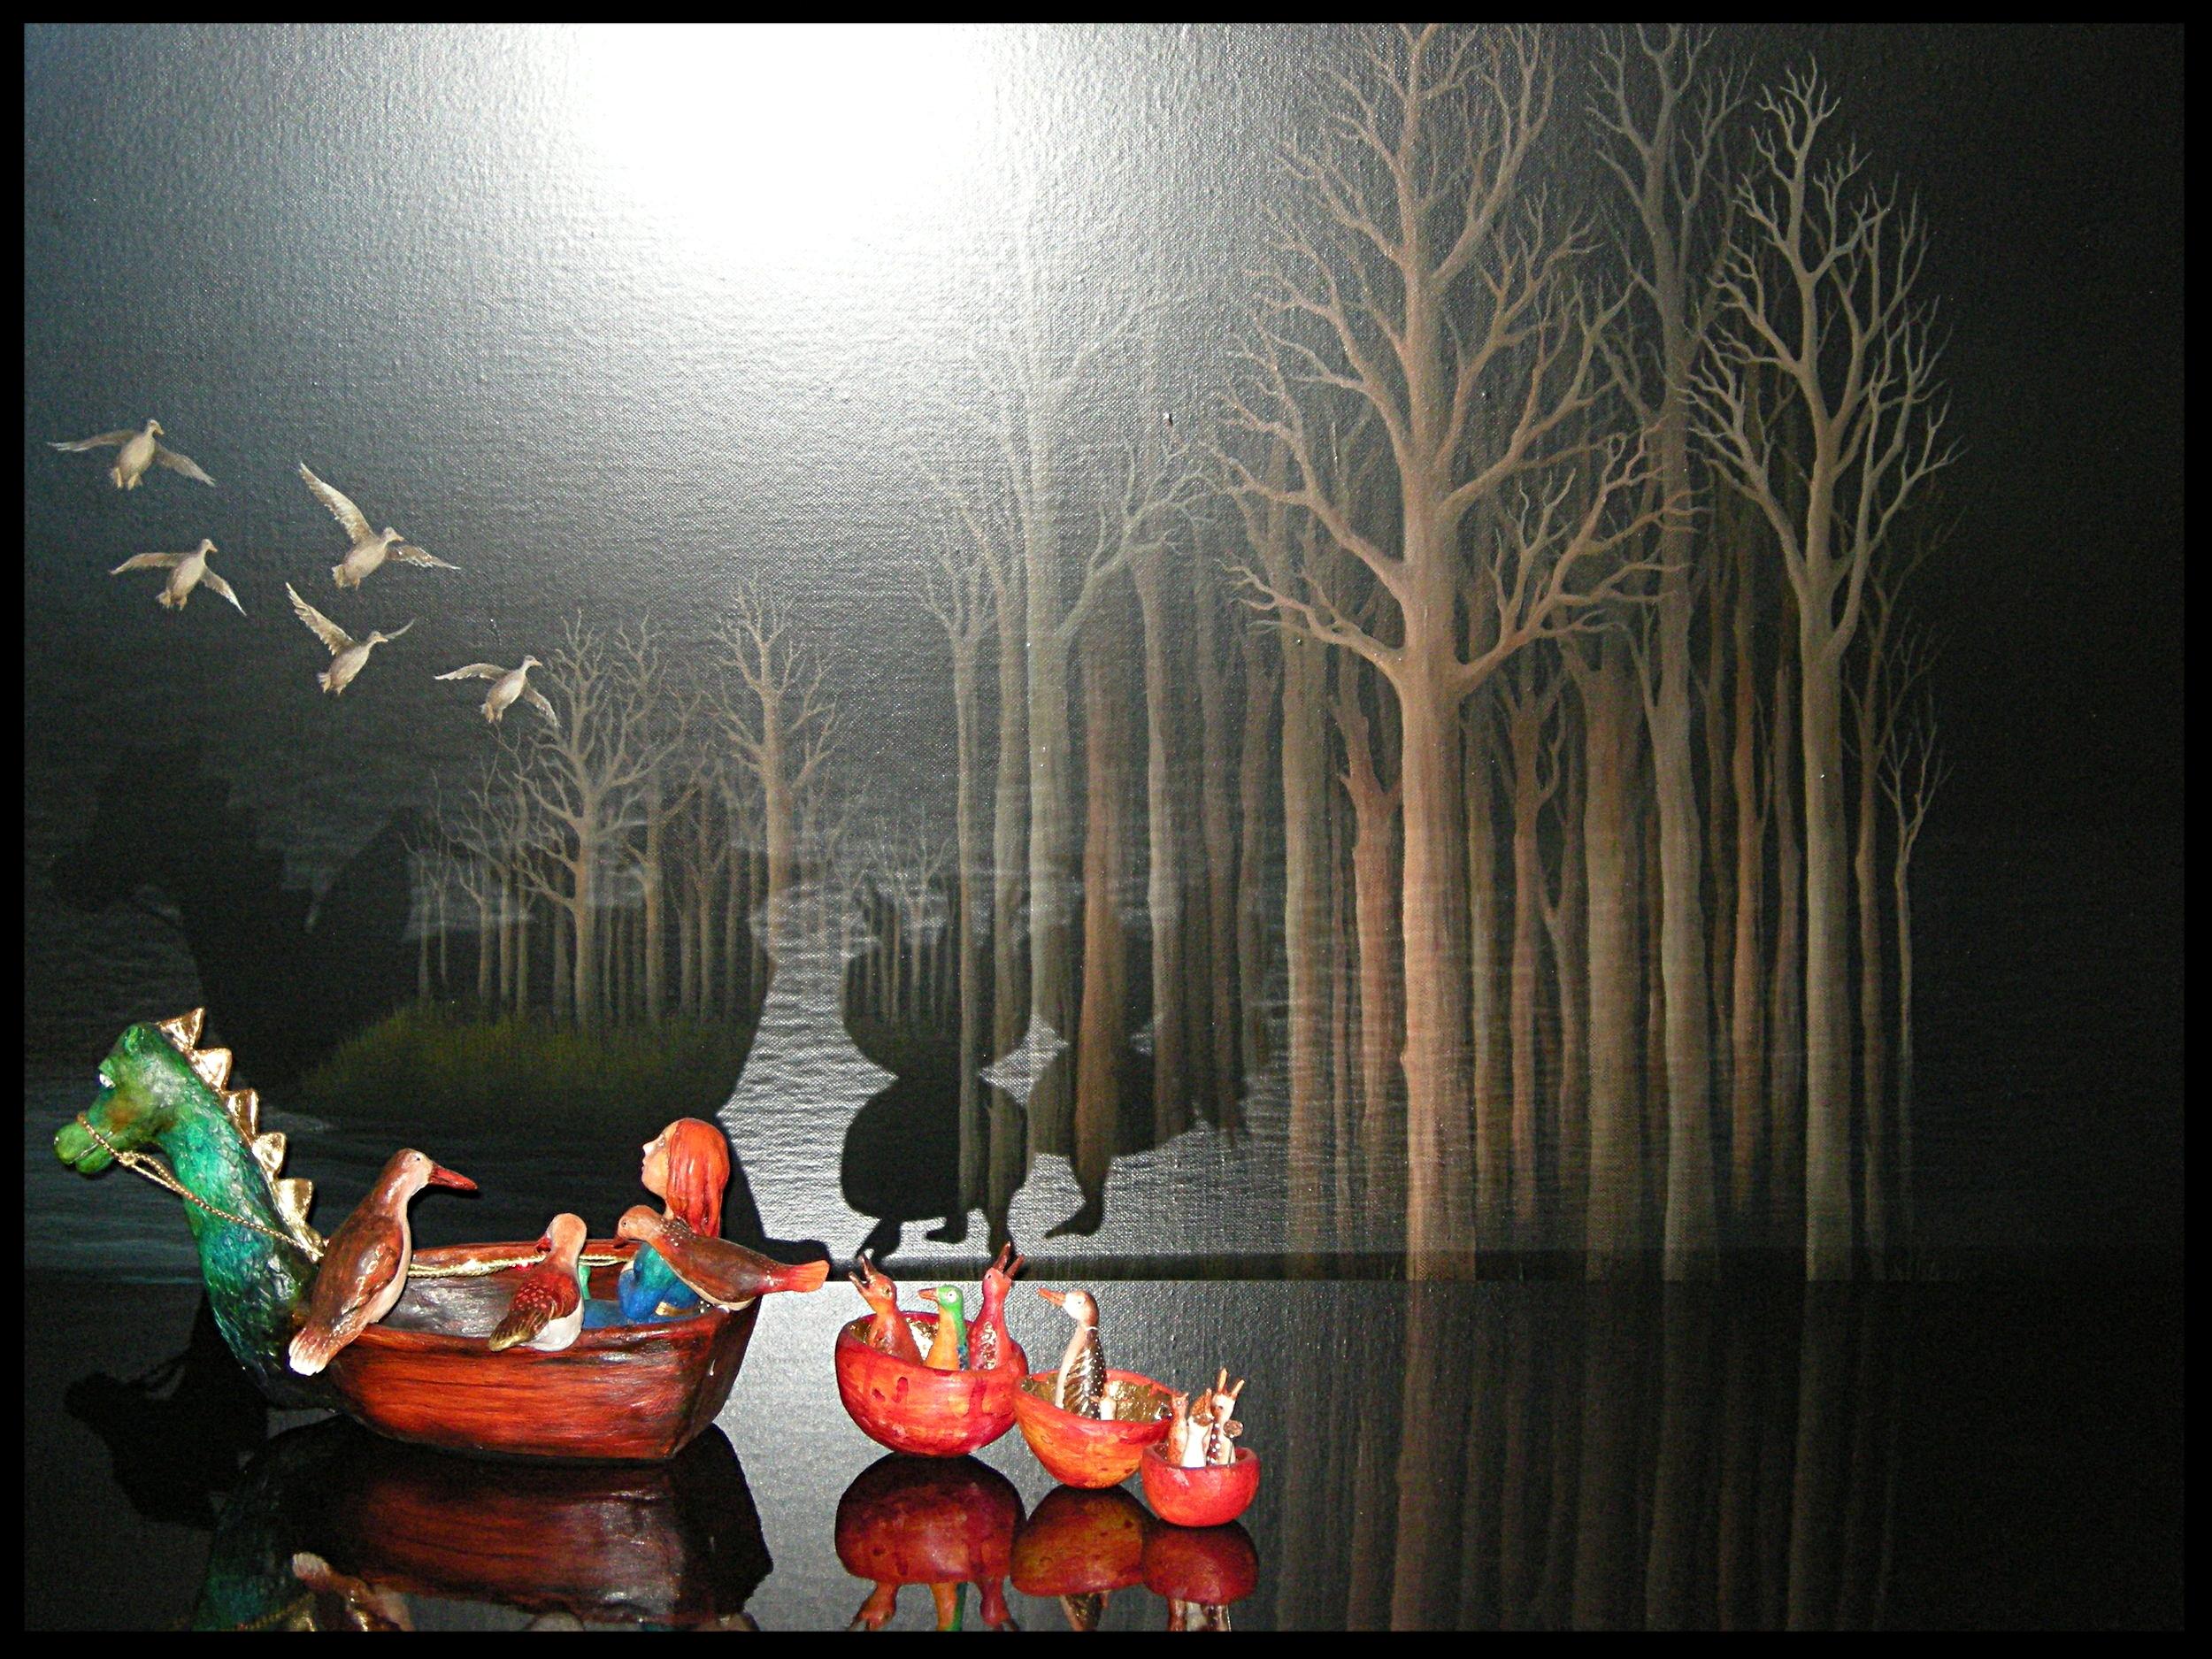 Don't frighten the Ducks